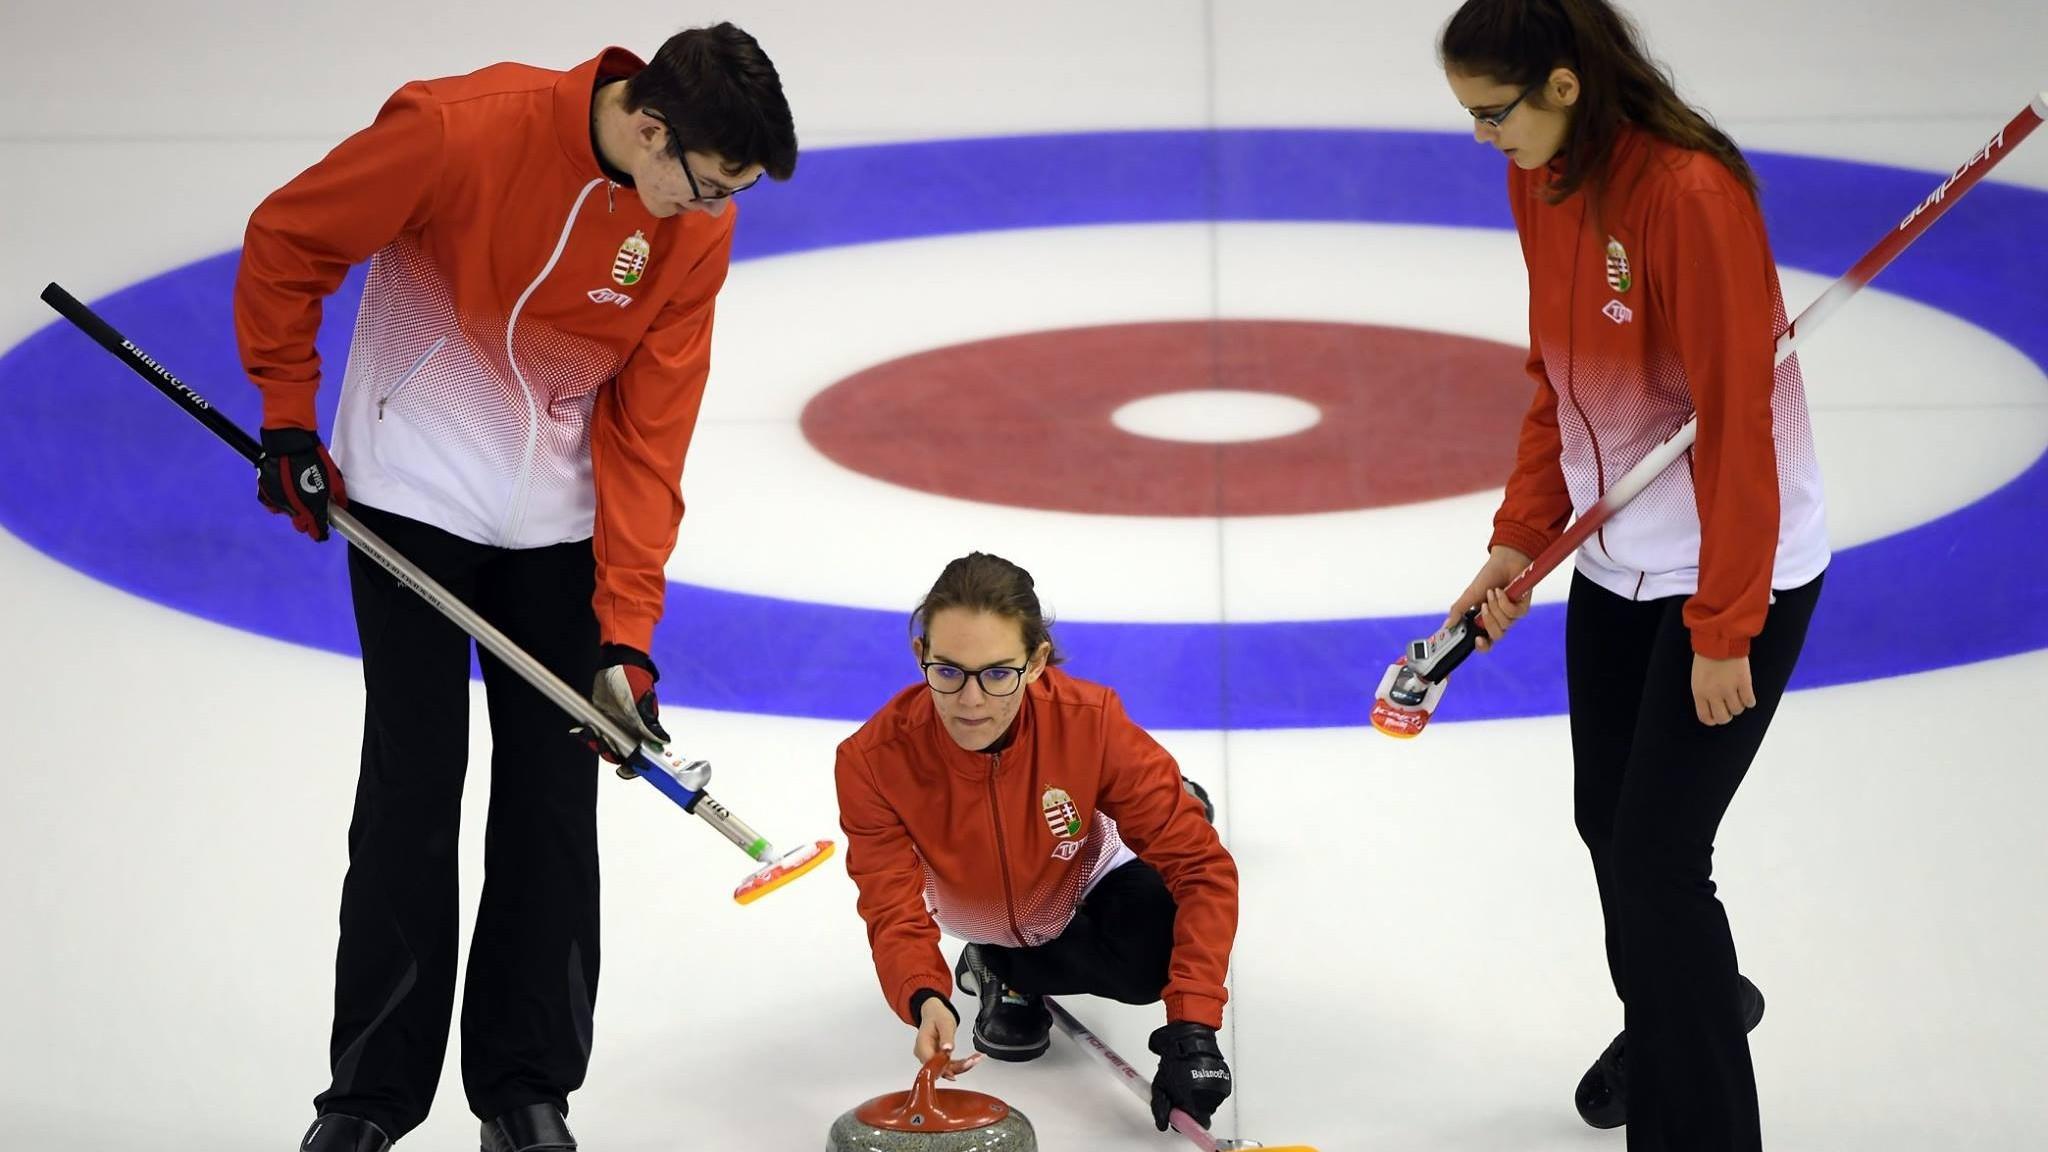 Láng Júlia hetedik a rövidprogram után, a curlingesek még versenyben